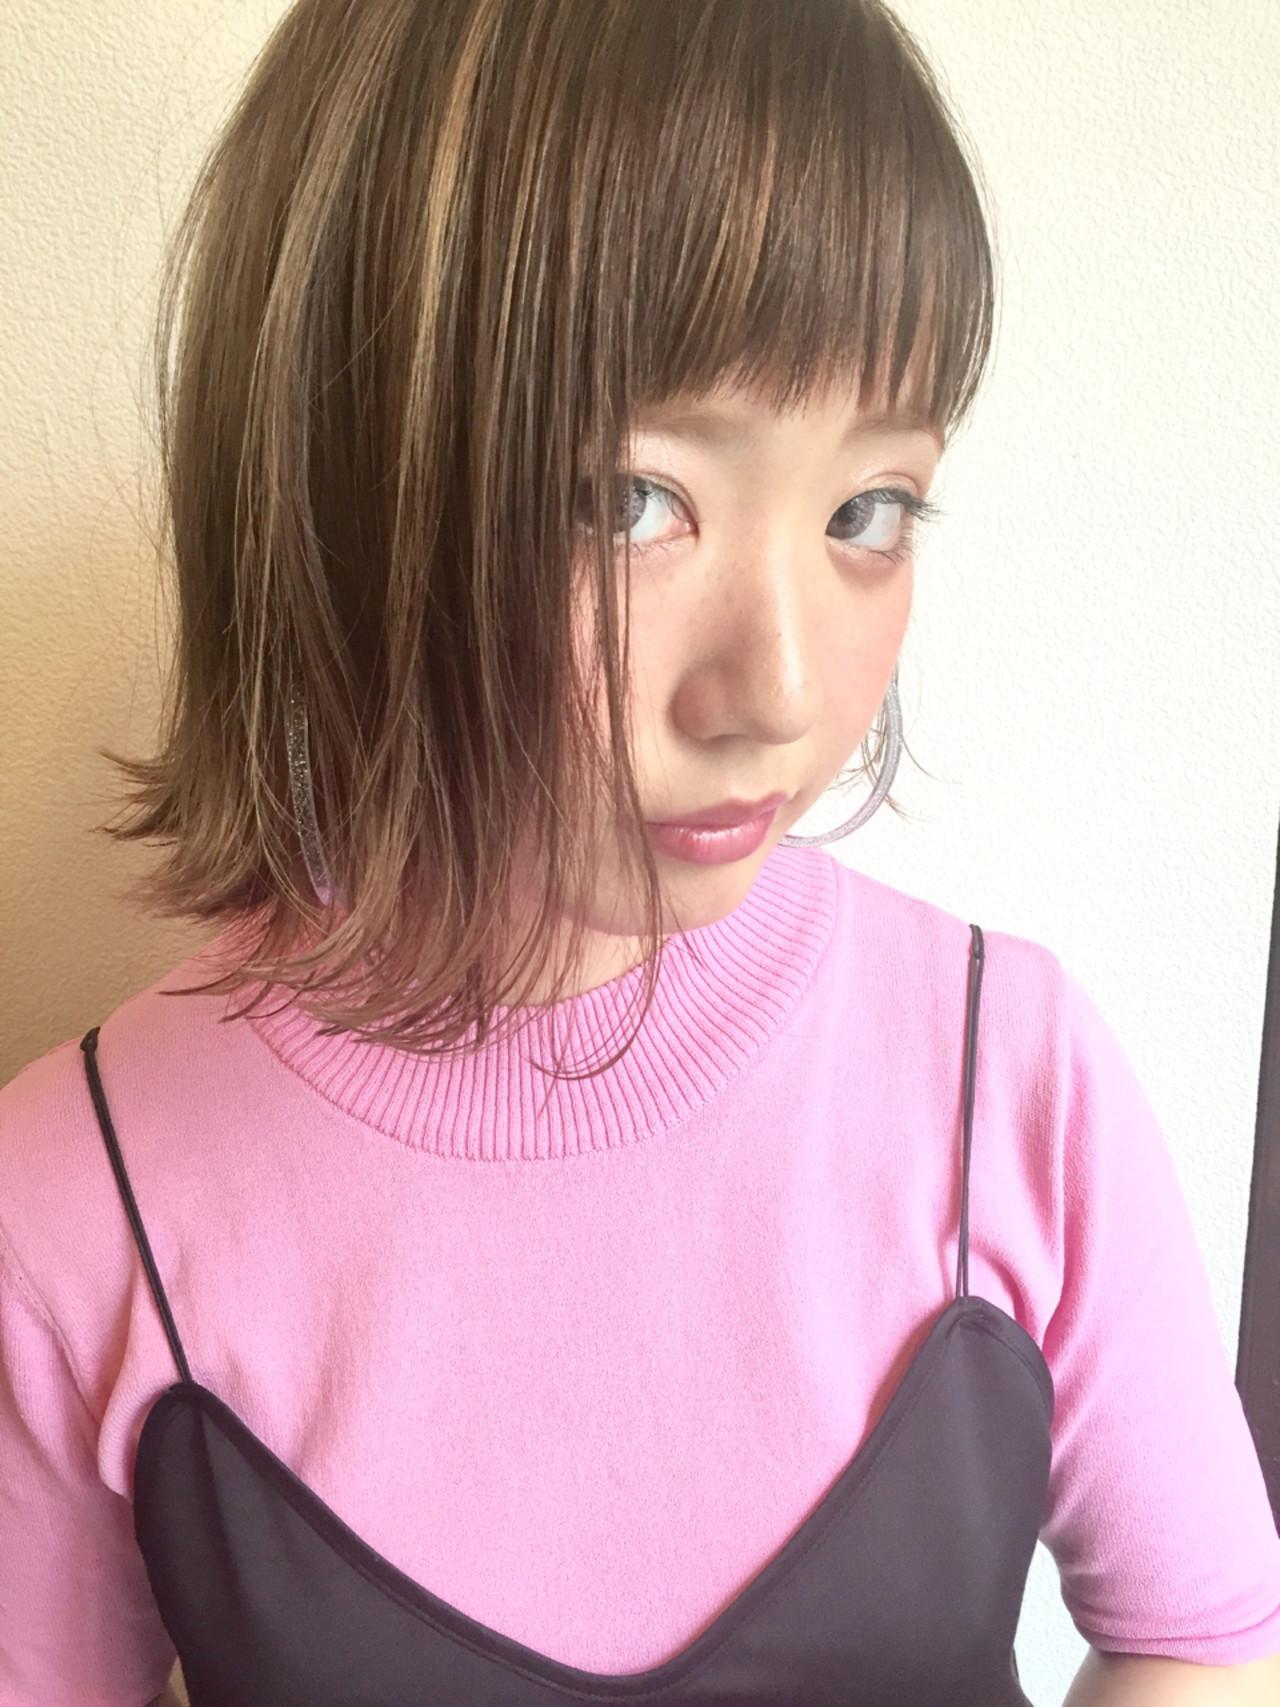 ズルいくらいに可愛いの♡ボブ×外ハネに「+○○」で最上級の私に。 田渕 英和 / vicushair